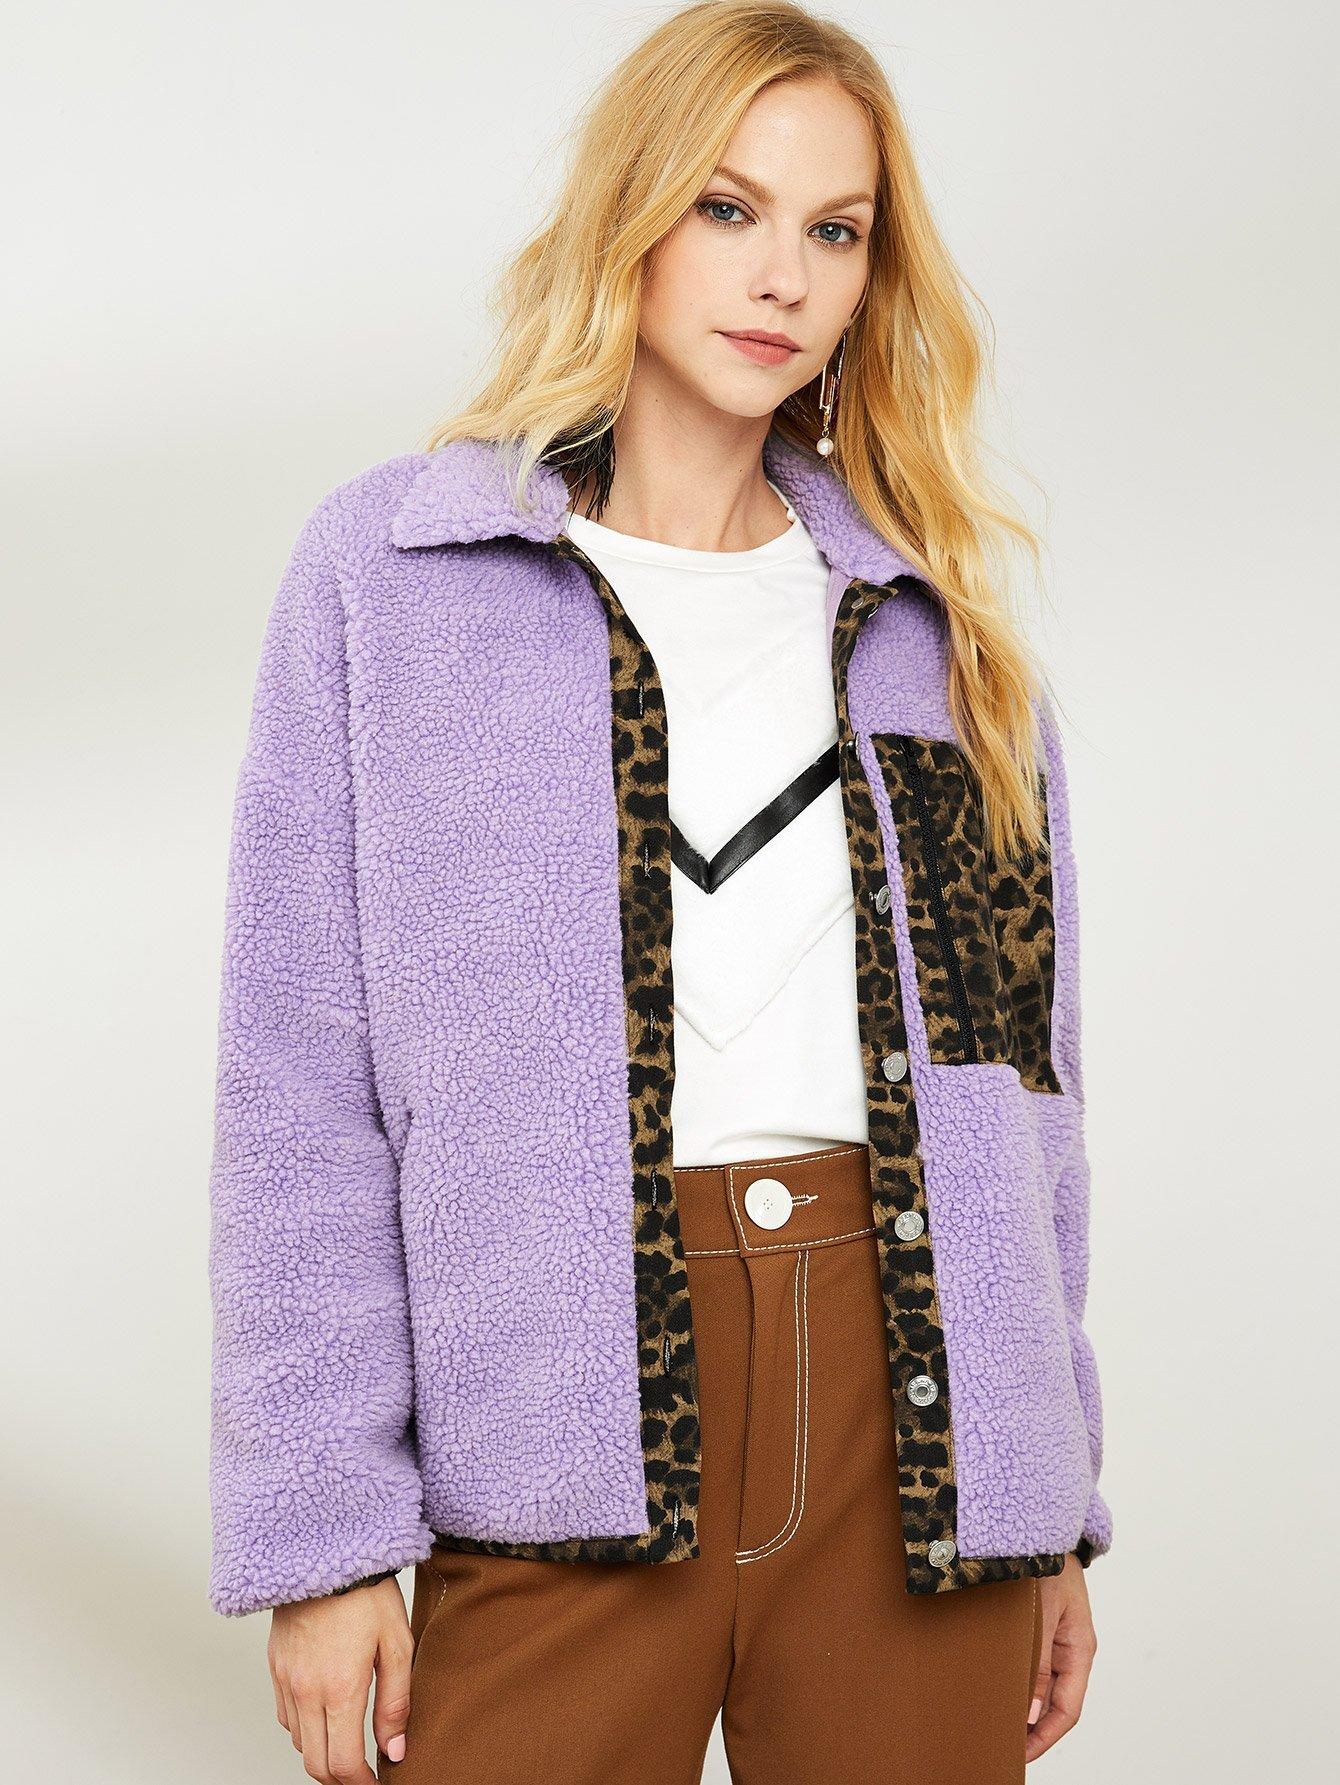 Leopard Pocket Fleece Teddy Coat Leopard Pocket Fleece Teddy Coat